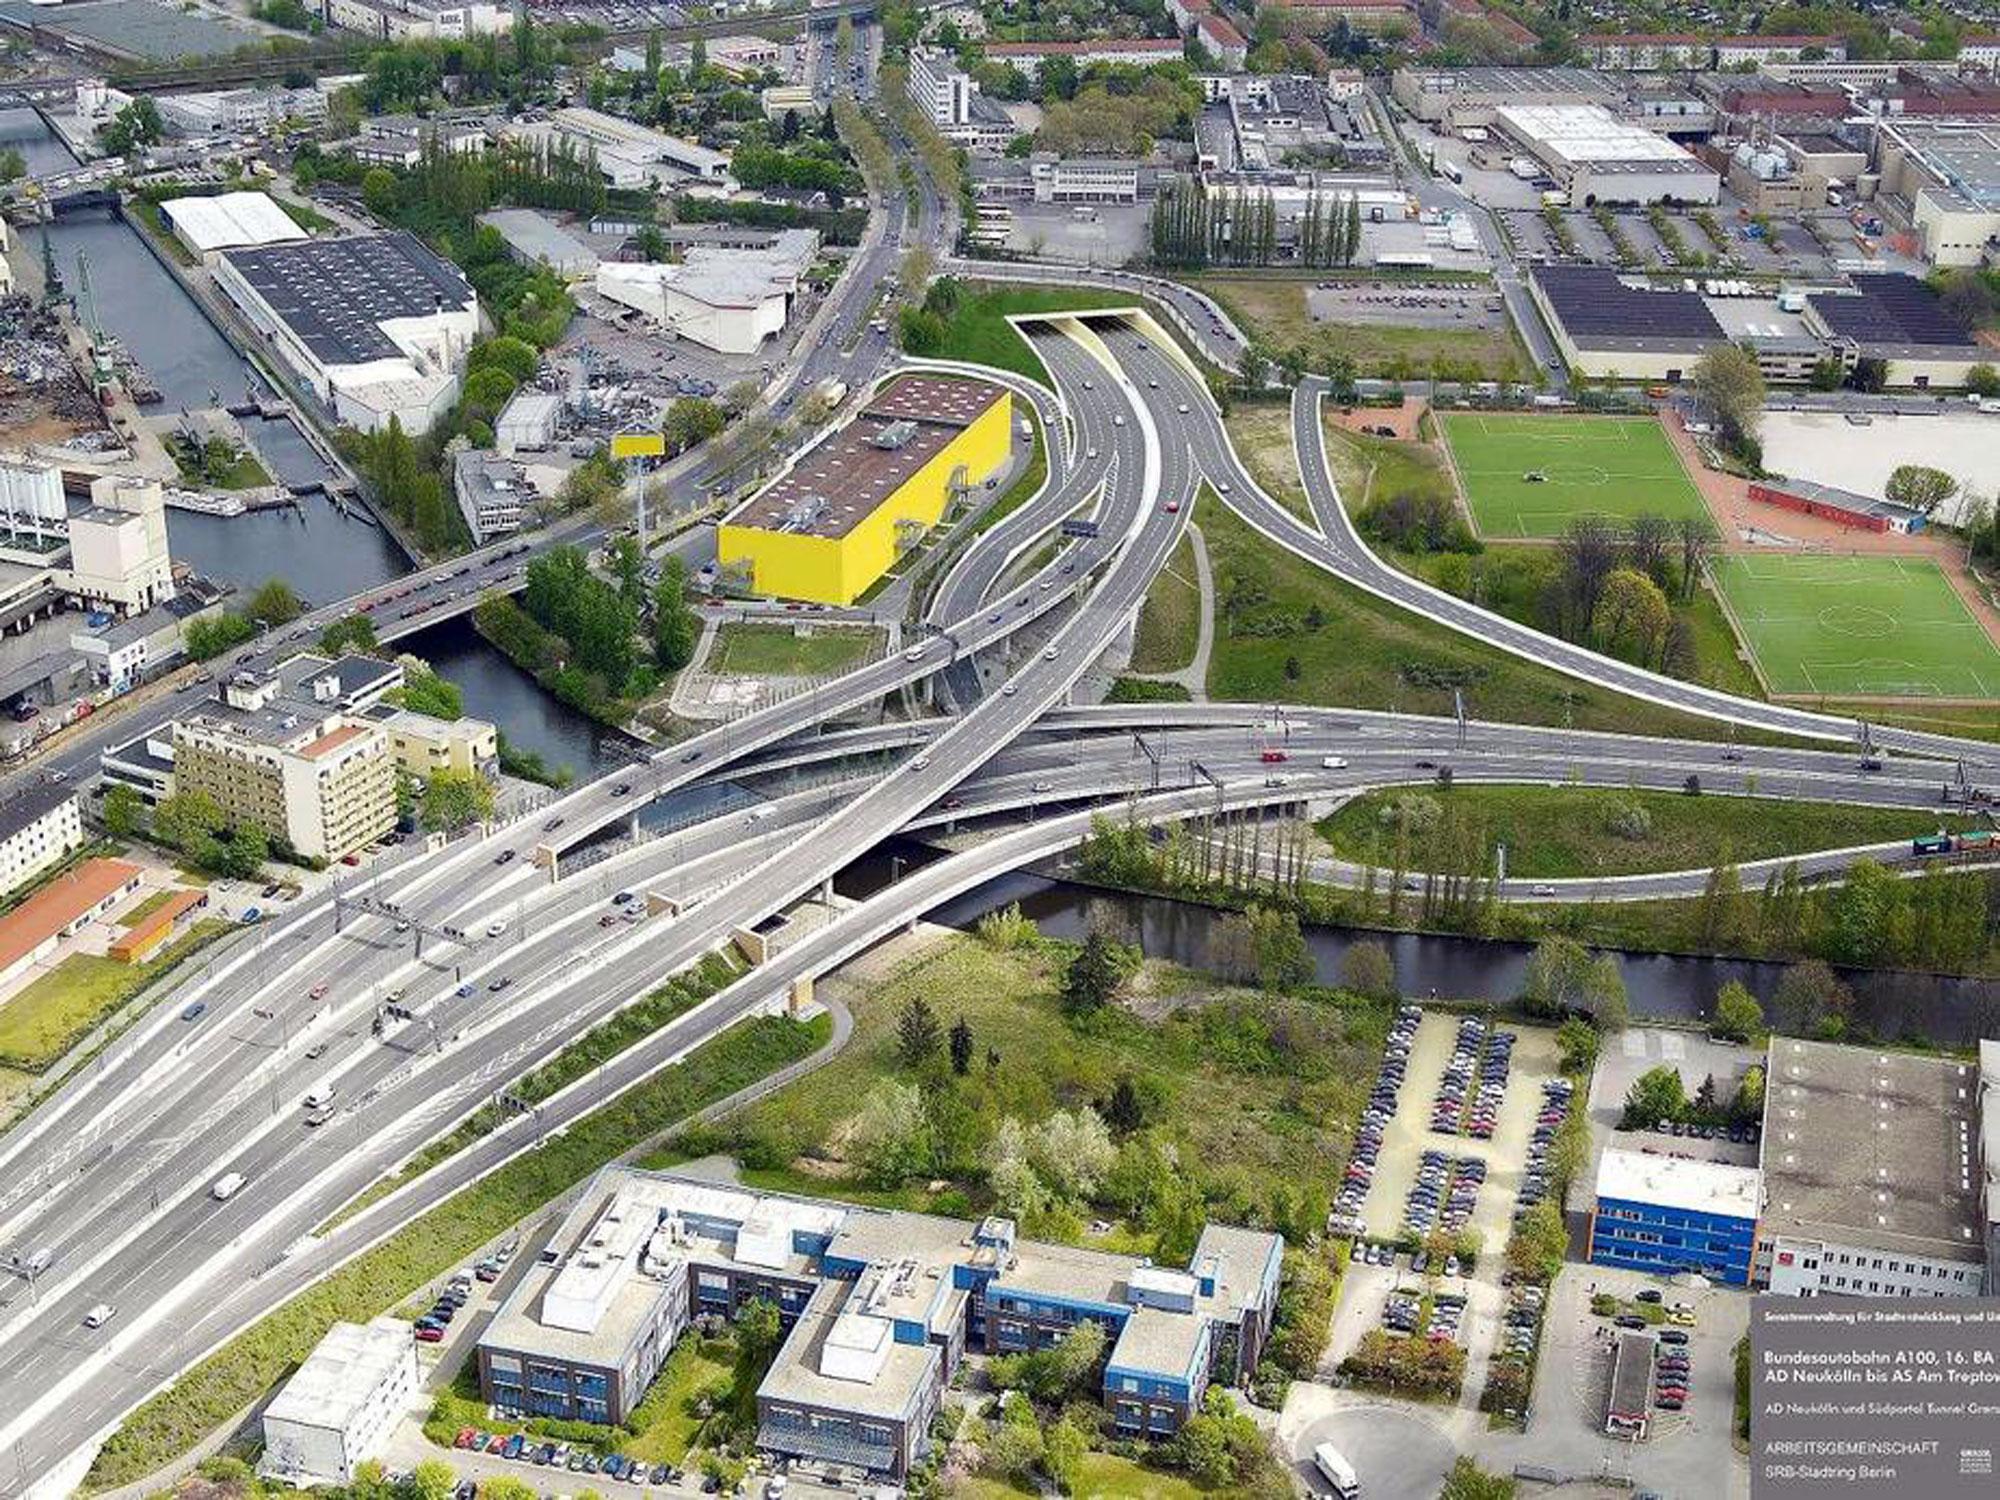 Luftbild_Autobahn_web